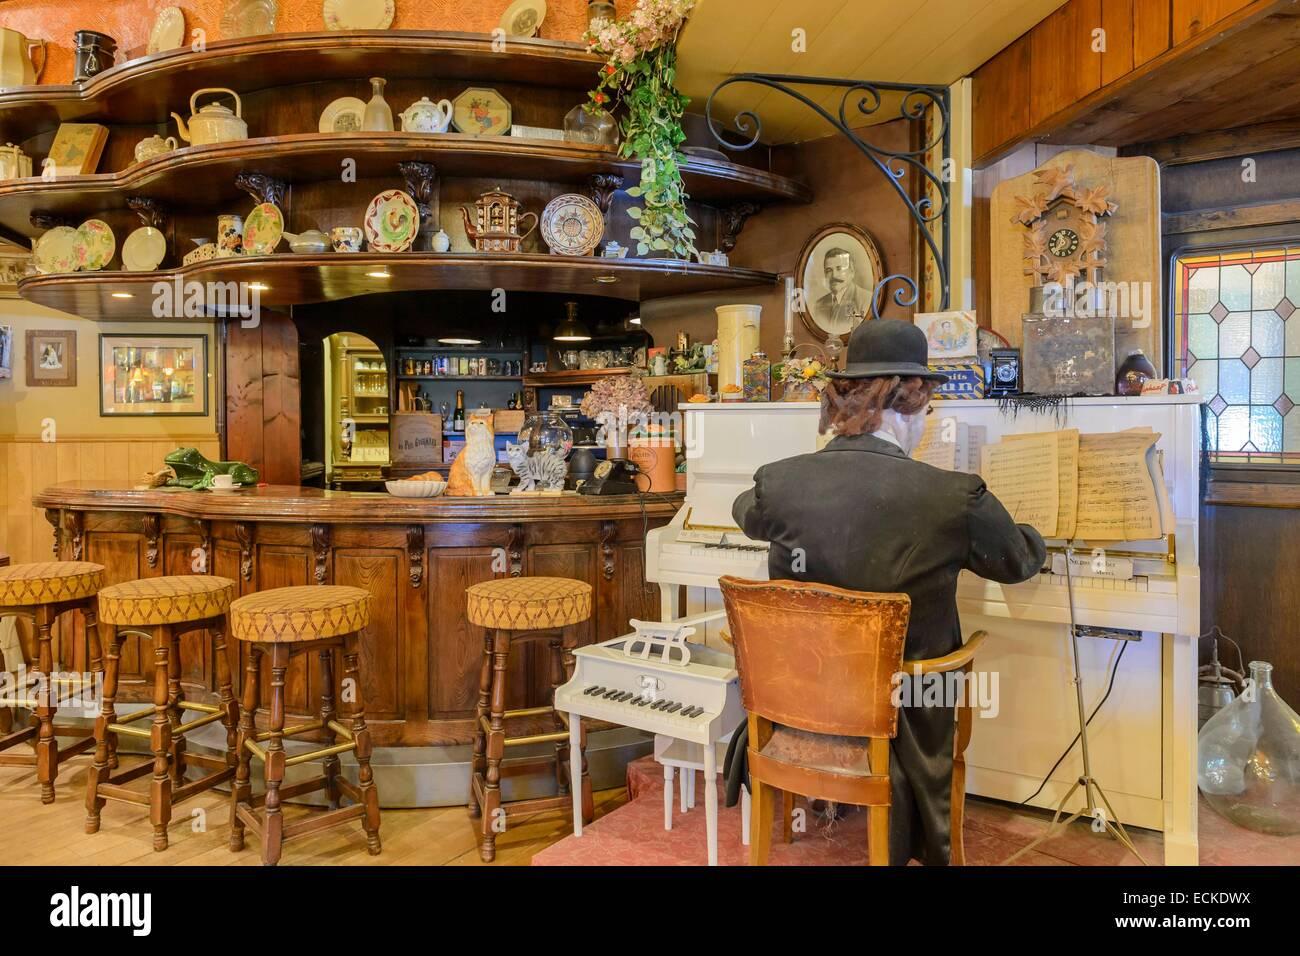 sortosville en beaumont stock photos sortosville en beaumont stock images alamy. Black Bedroom Furniture Sets. Home Design Ideas